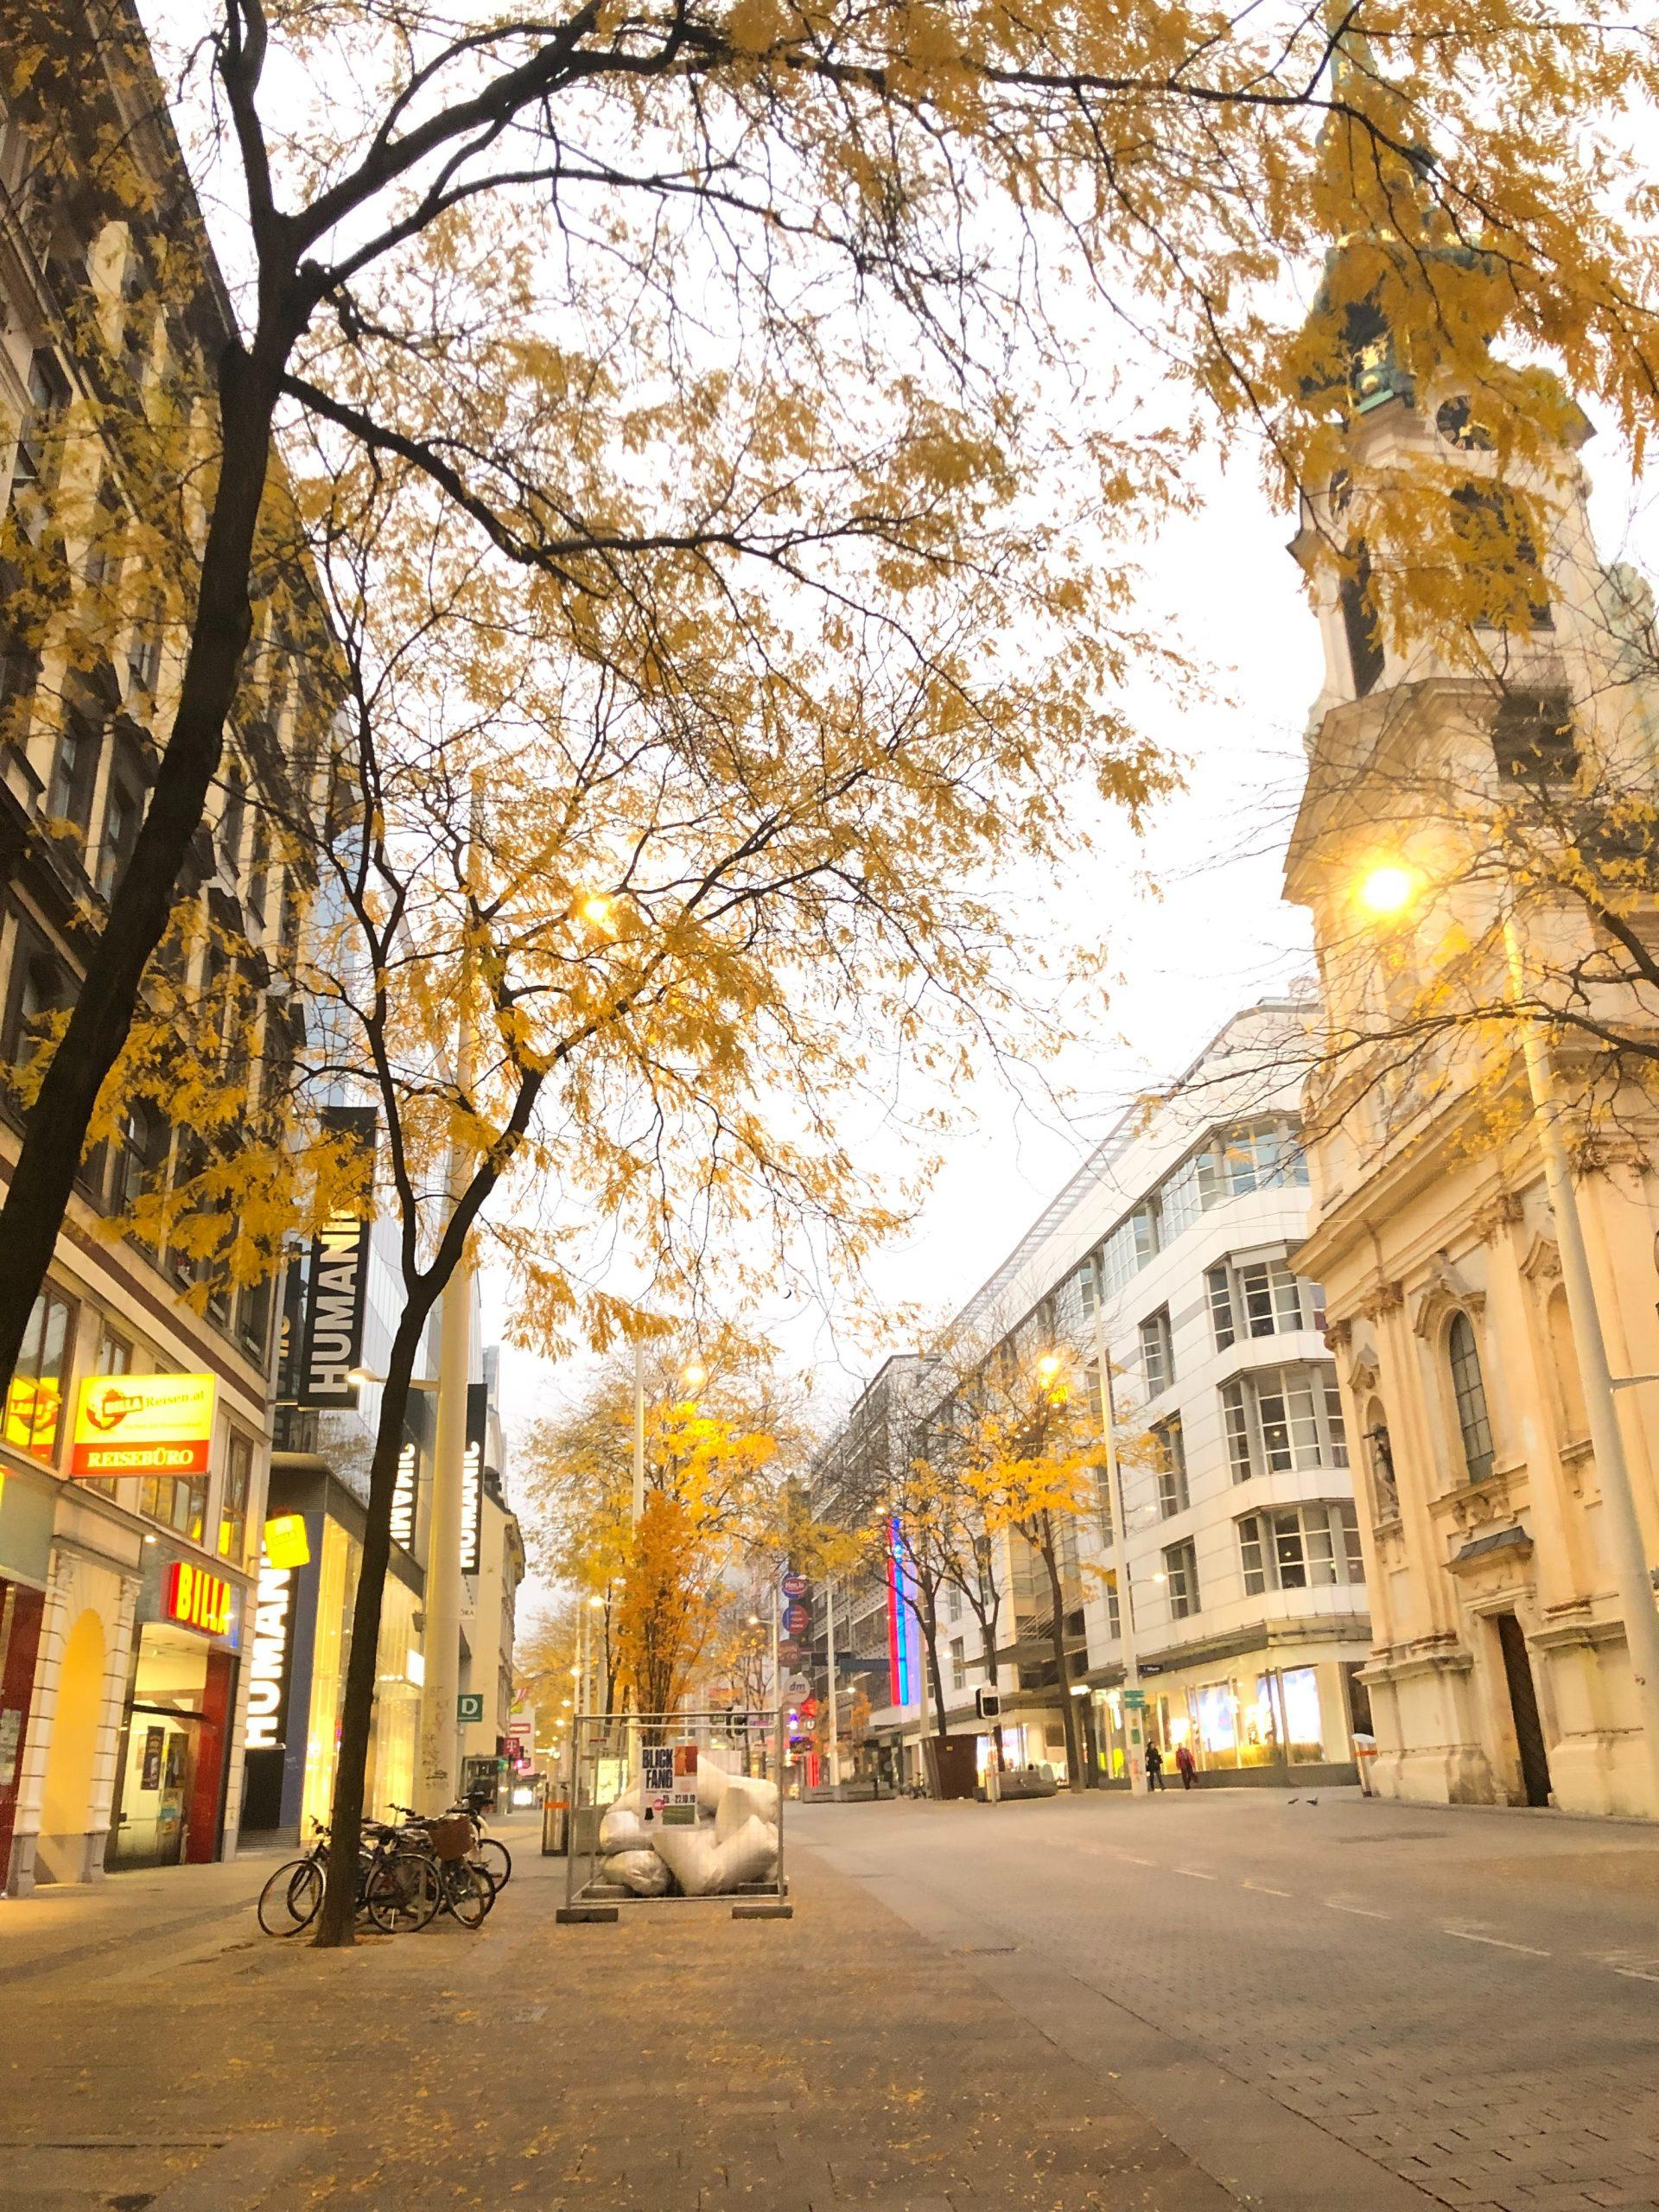 شارع ماريا هيلفر